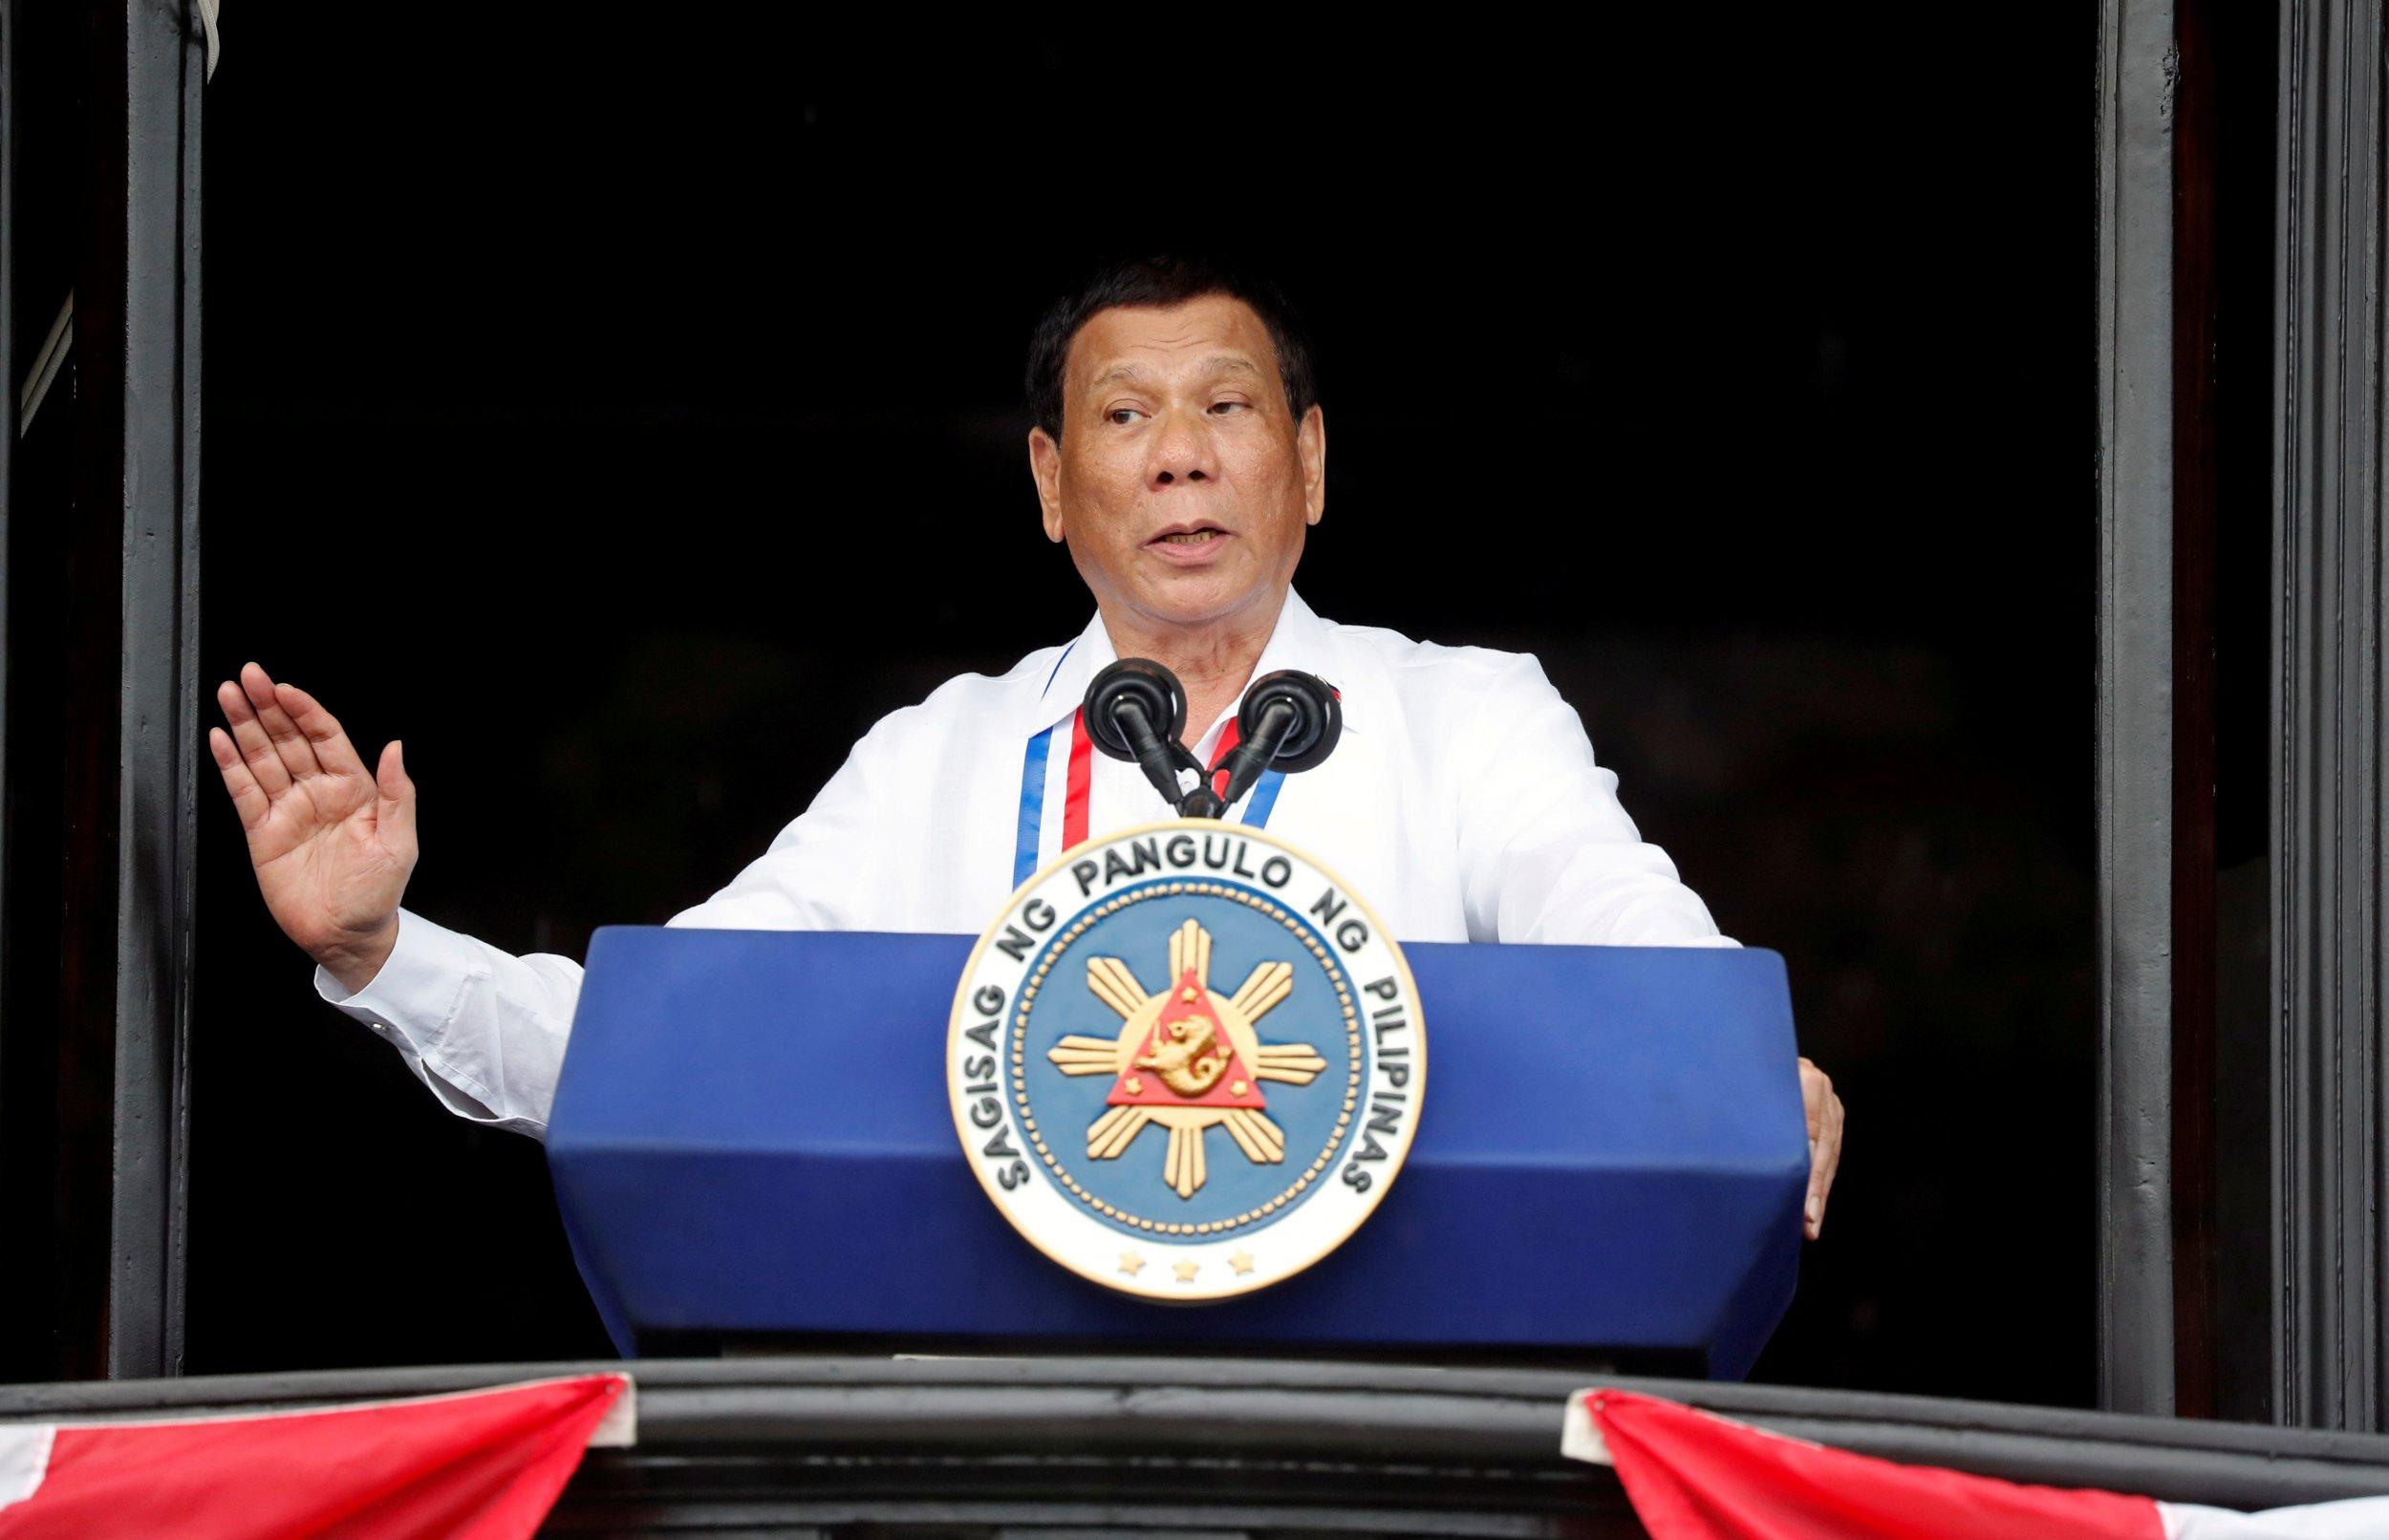 نتيجة بحث الصور عن The president of the Philippines